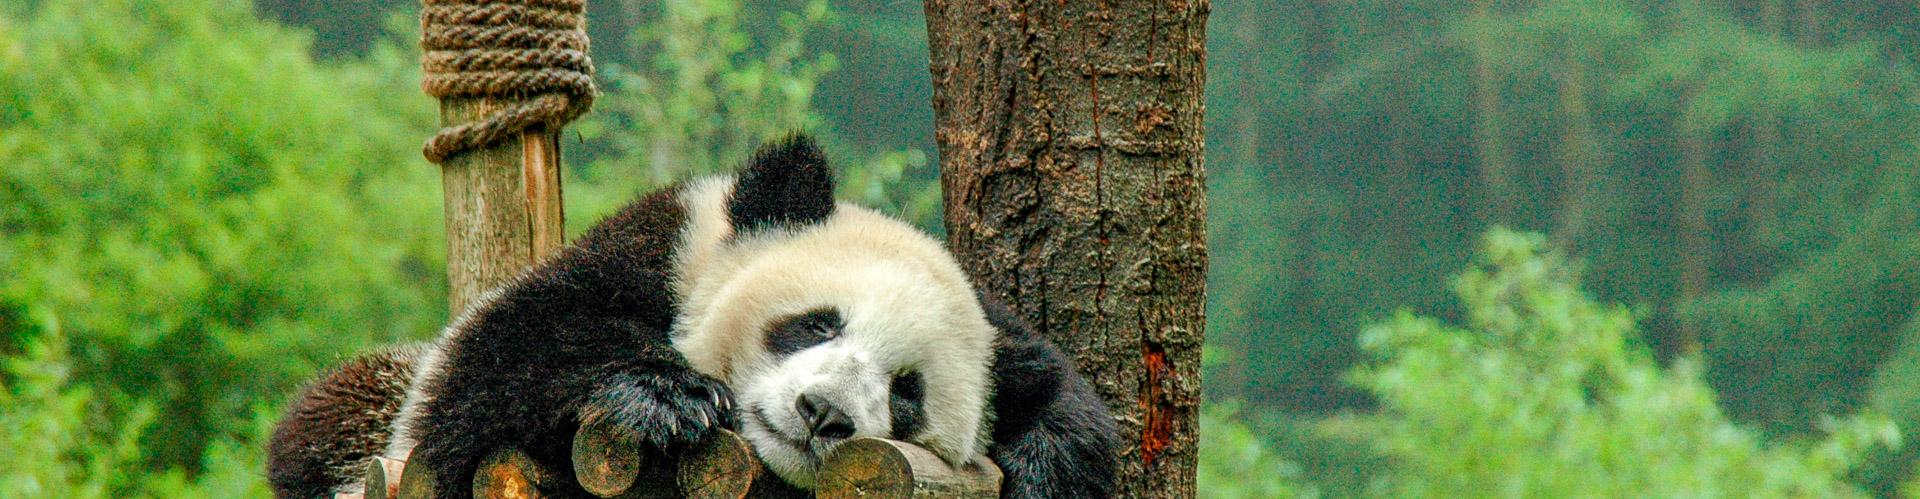 Le lac Diexi et les pandas de Wolong